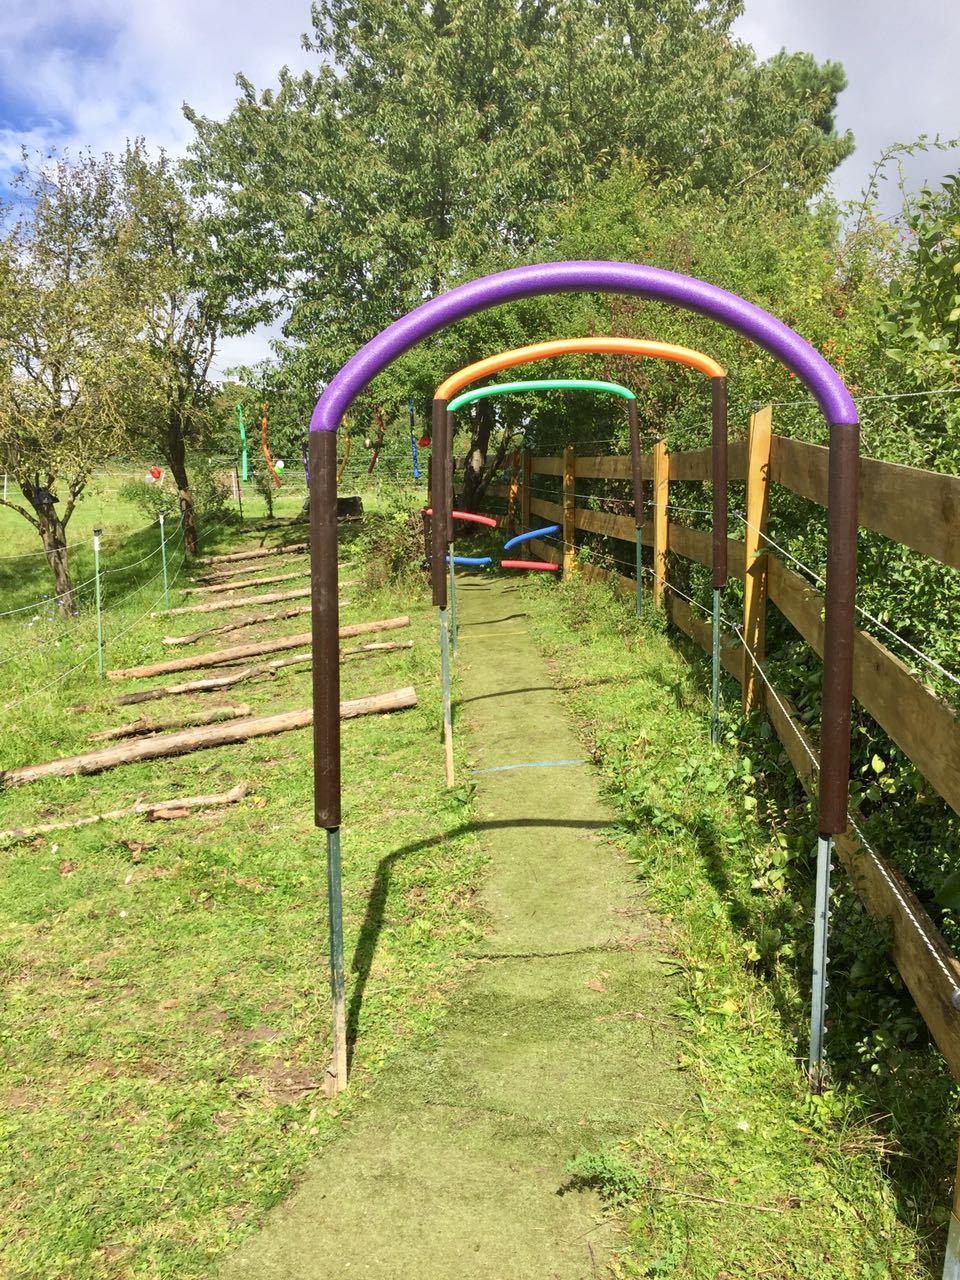 Zentrum für Pferdegesundheit - Paddocktrail: Spielplatz